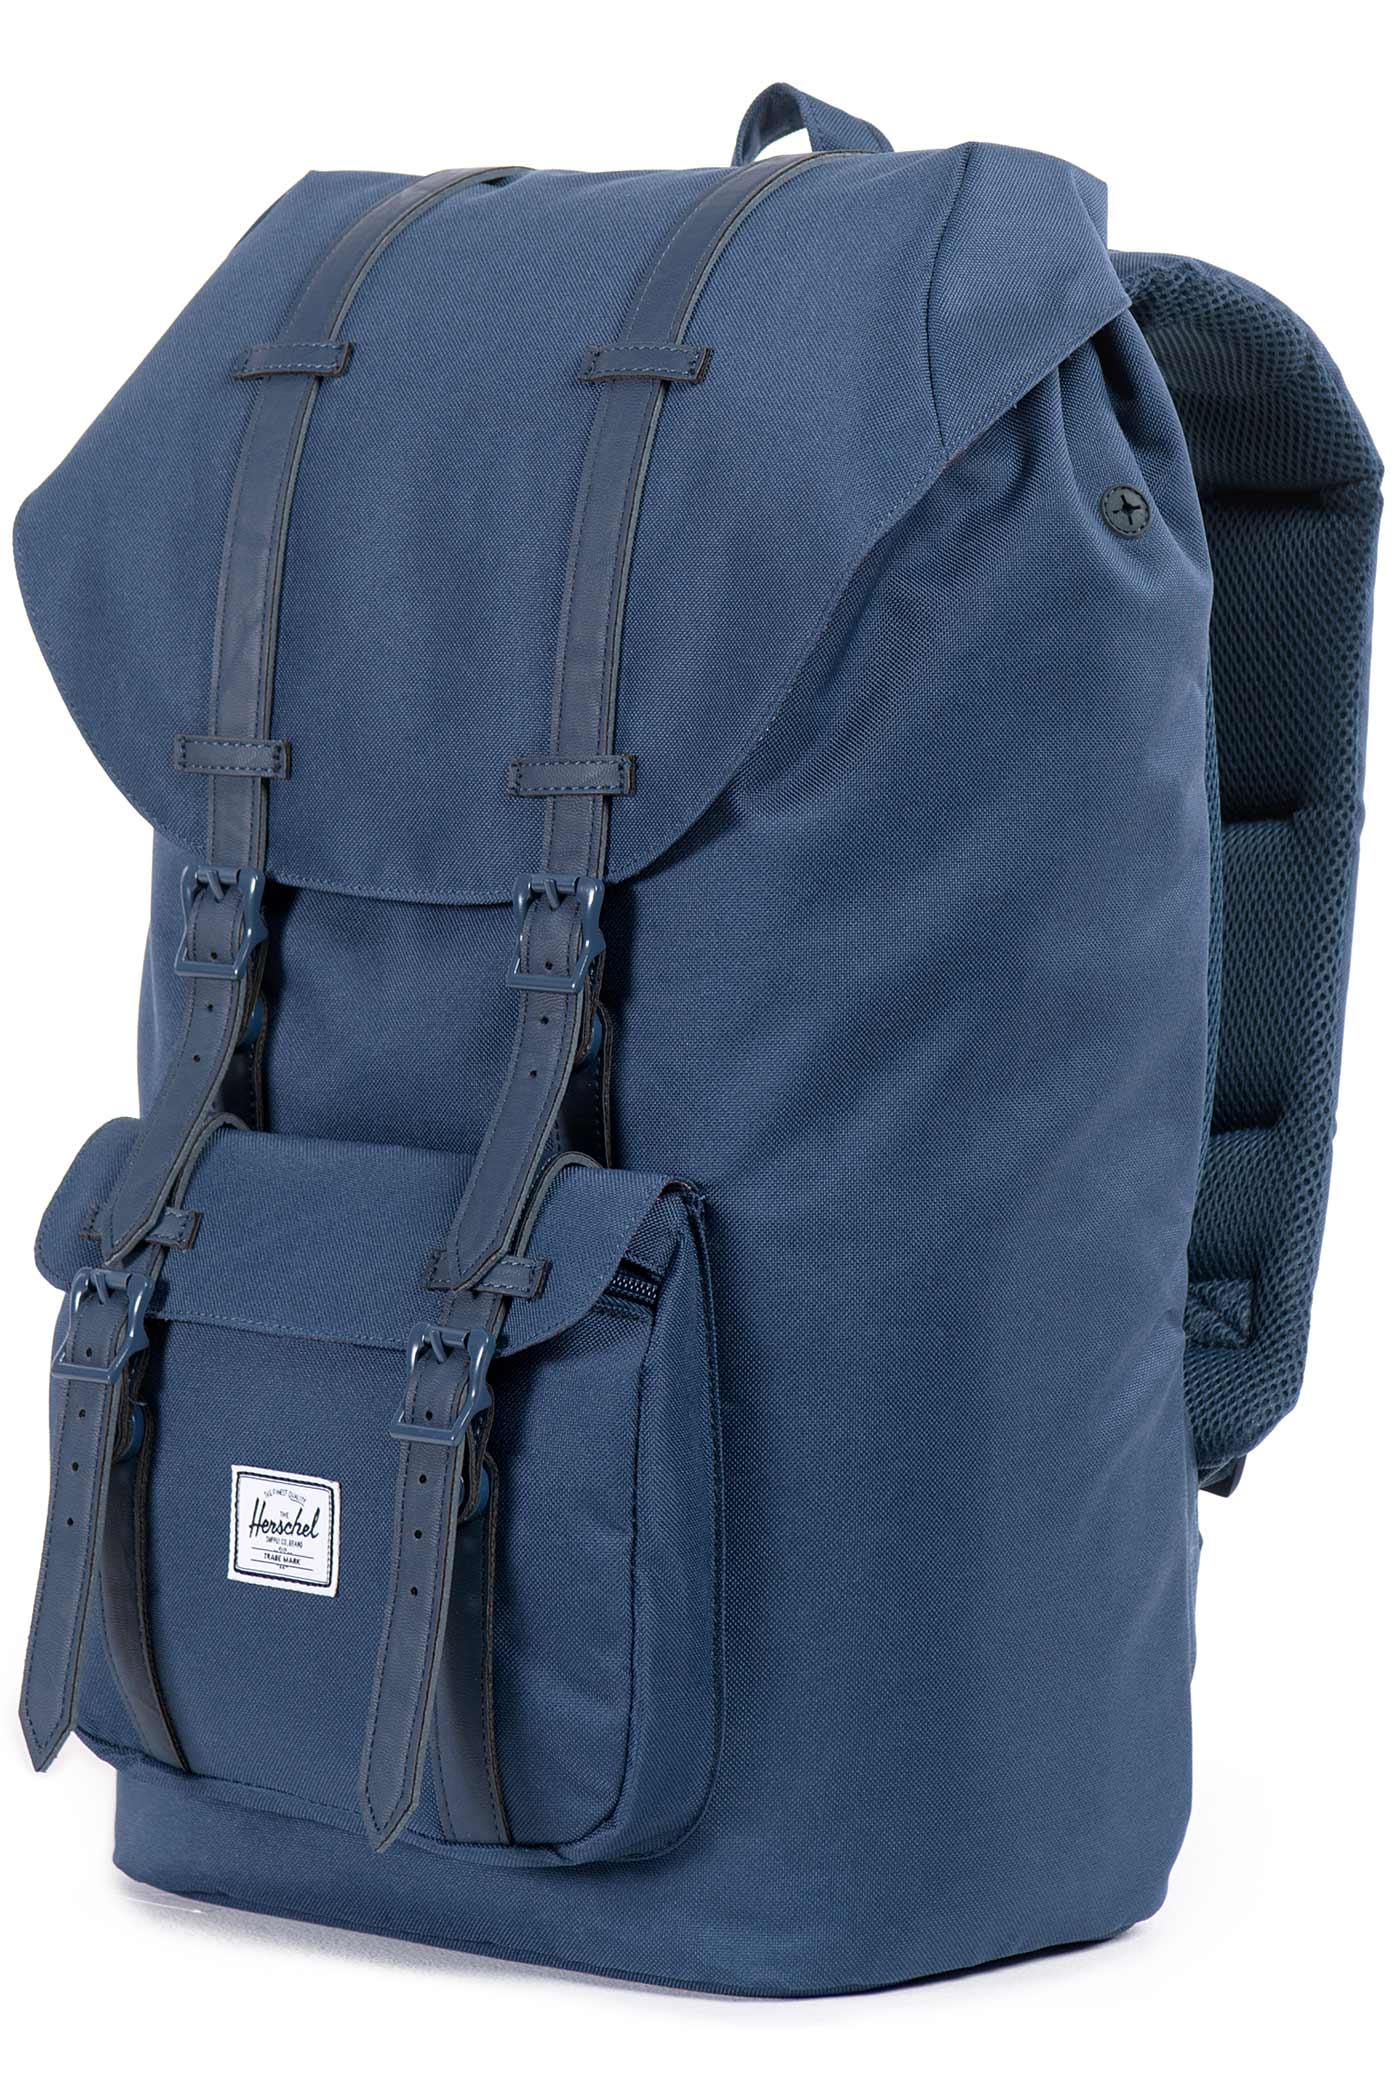 herschel little america backpack 25l navy navy buy at. Black Bedroom Furniture Sets. Home Design Ideas